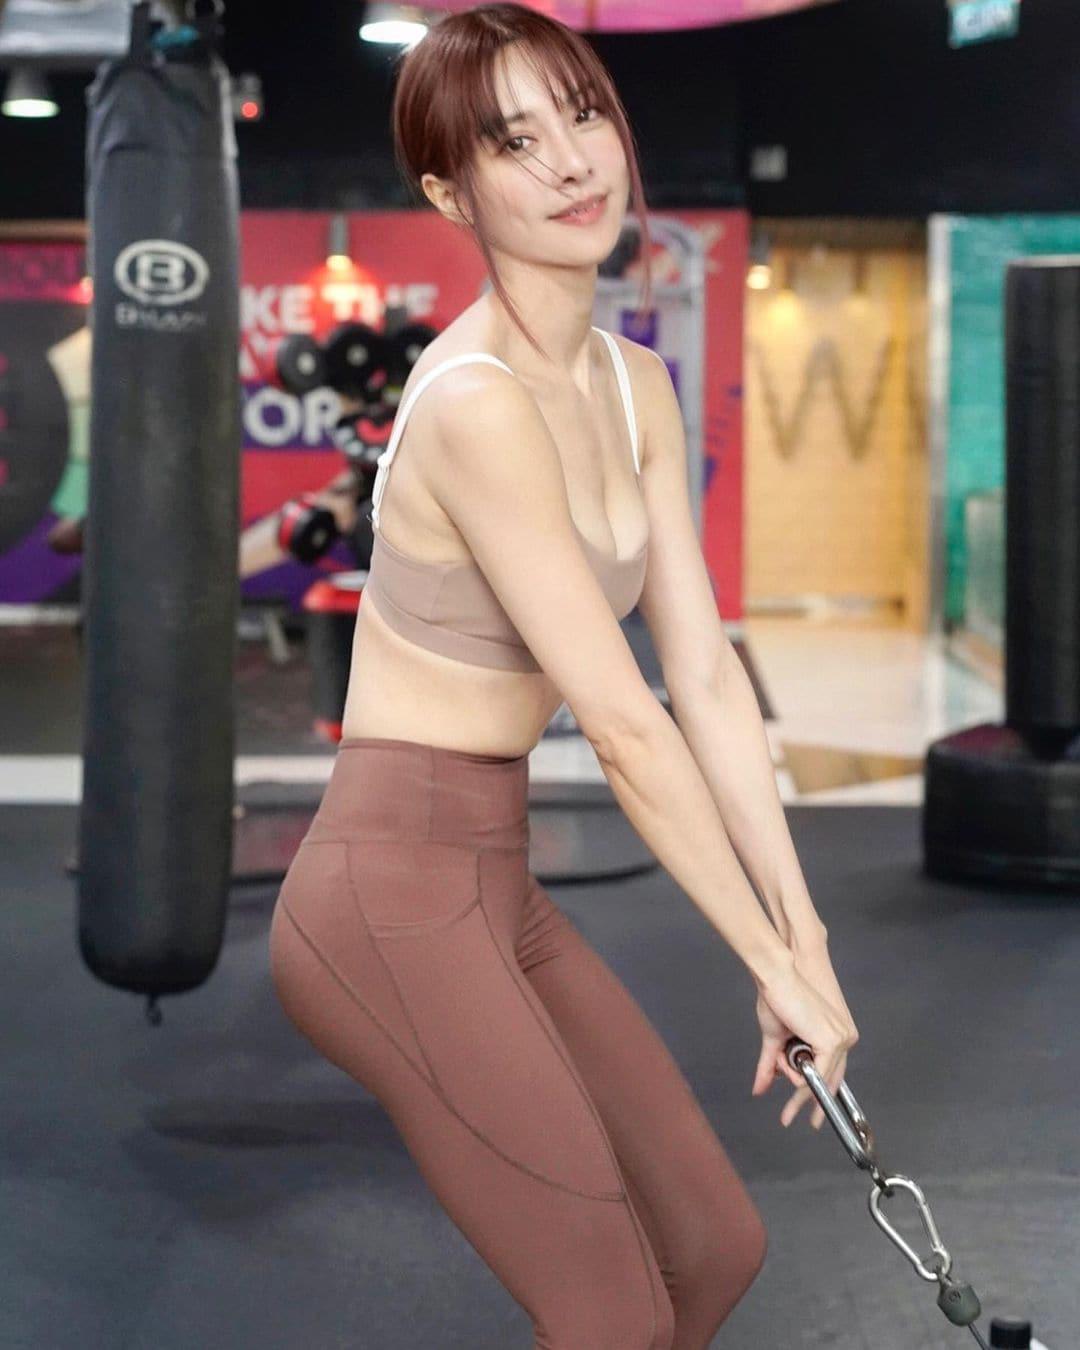 キャスリン・リー「セクシーすぎるトレーニング!」露出度高いウェアスタイルを大量投下【画像8枚】の画像003